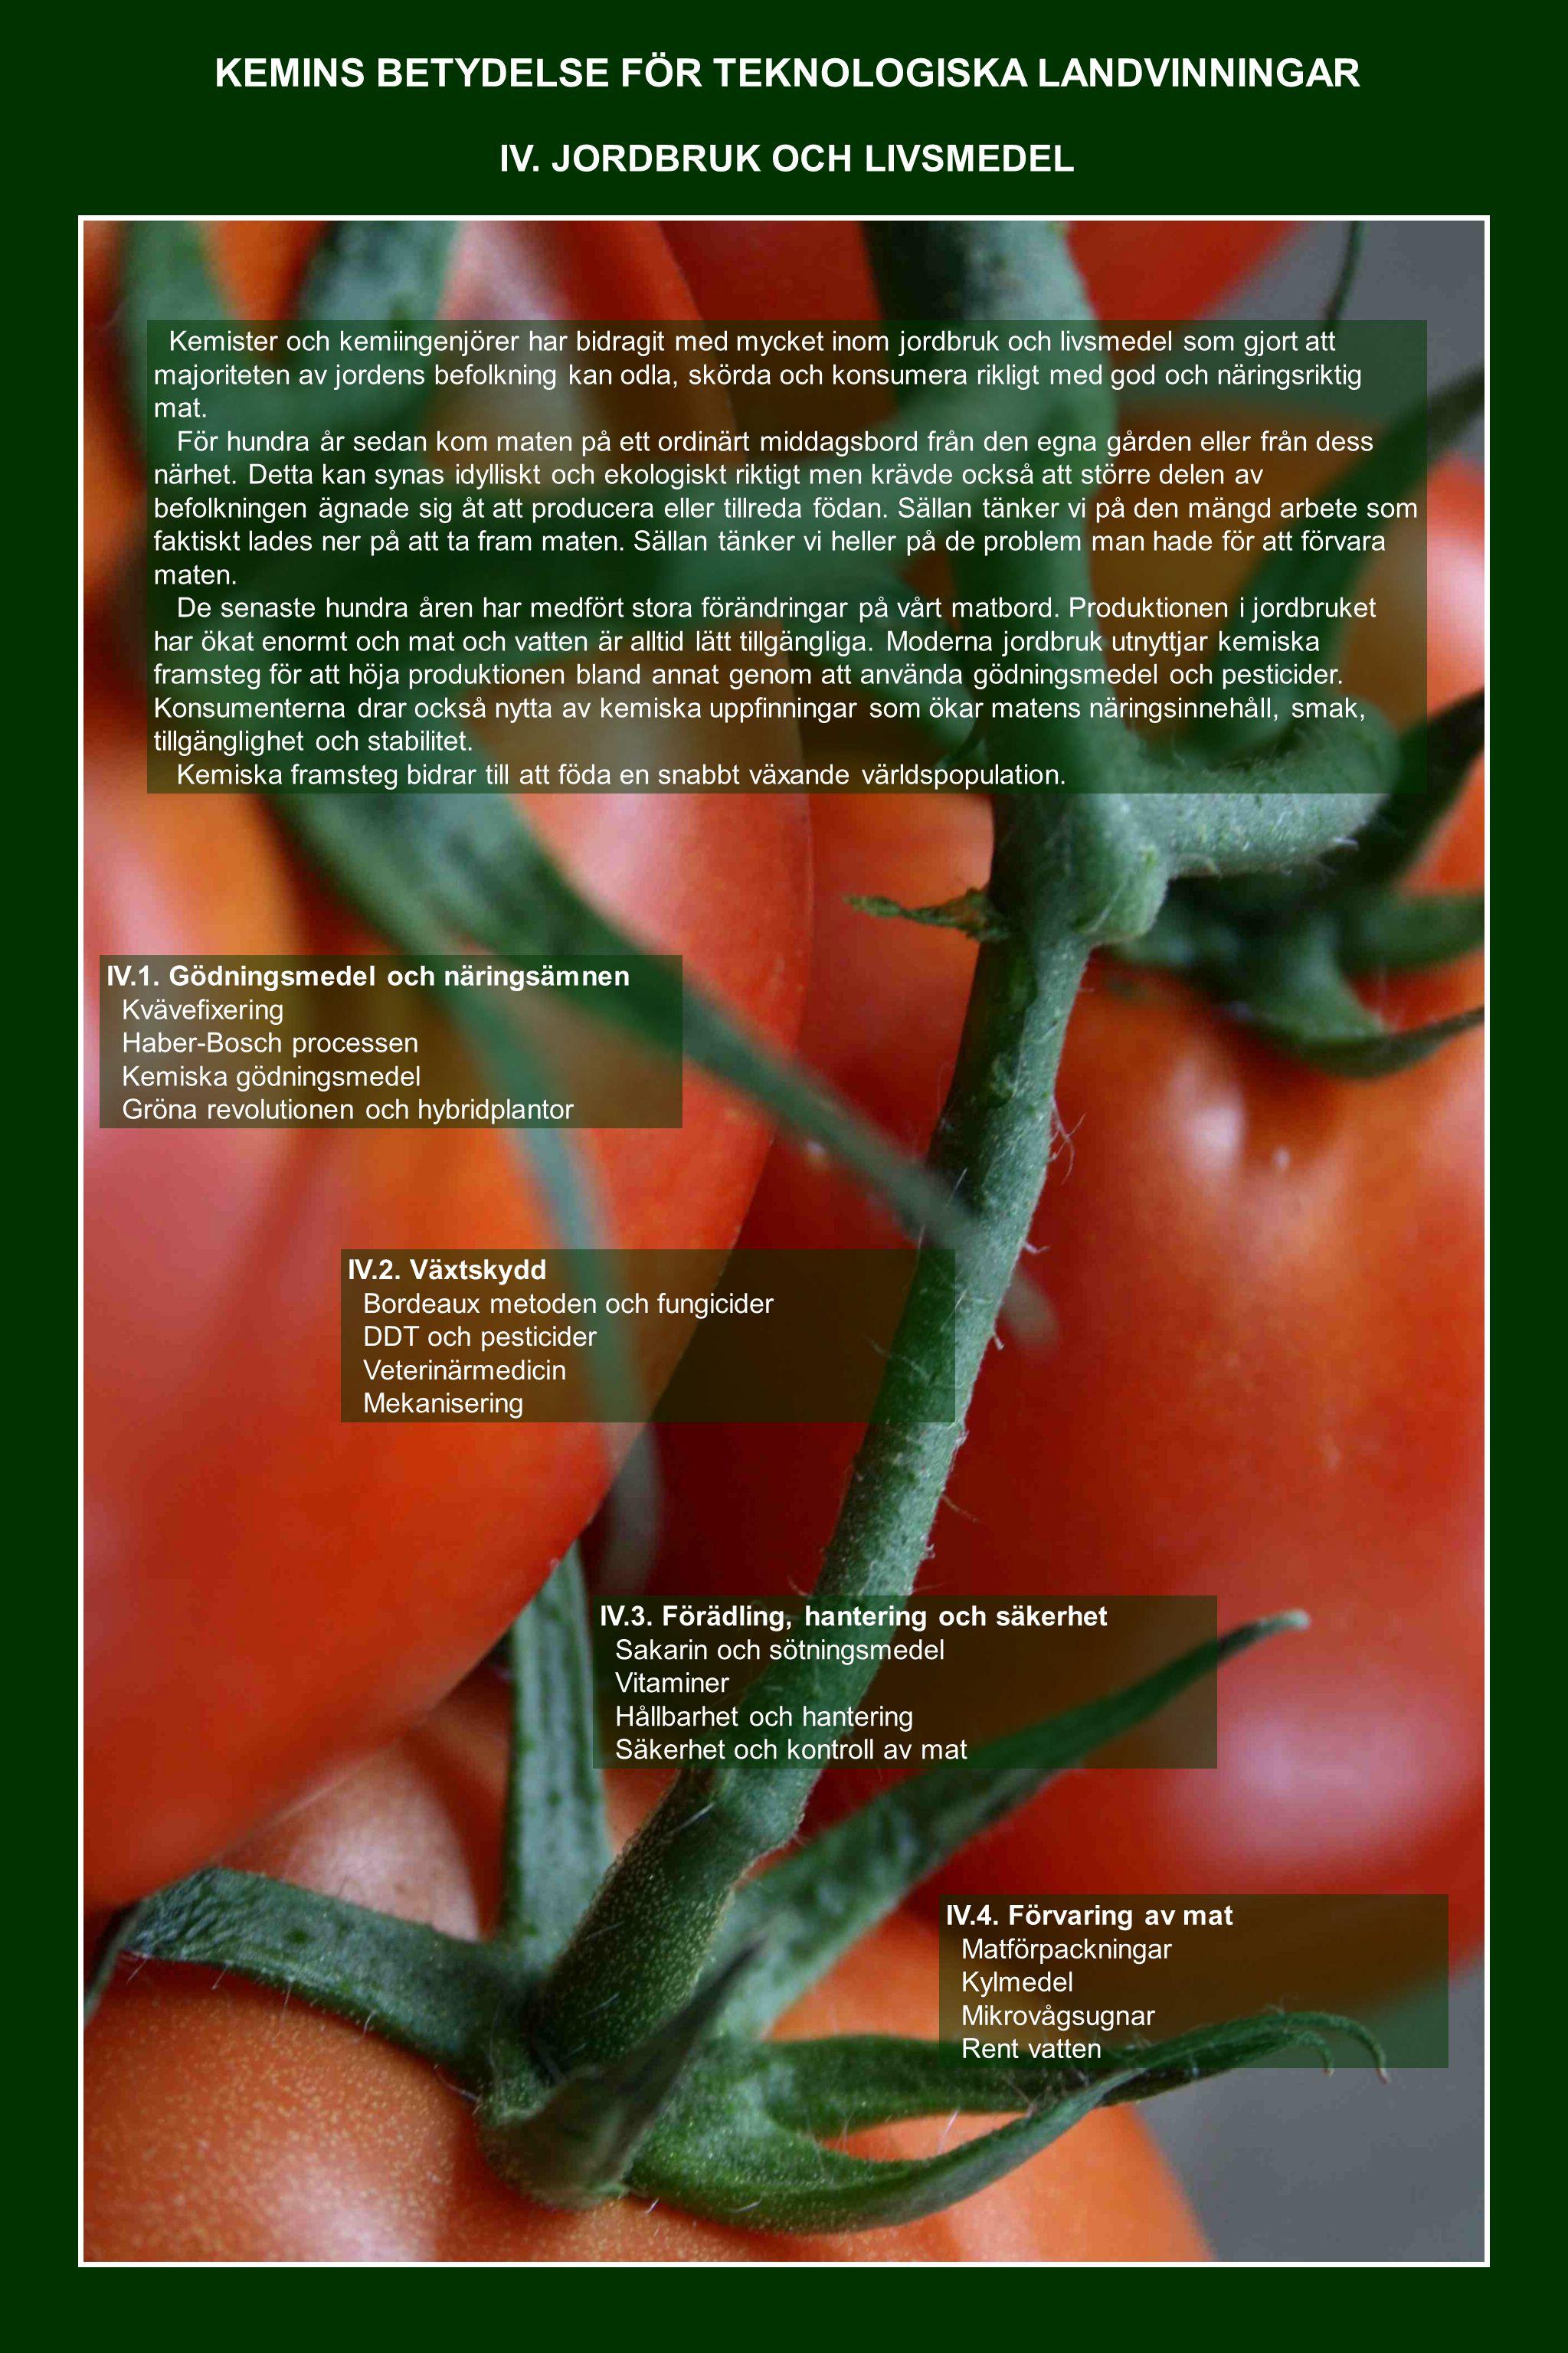 KEMINS BETYDELSE FÖR TEKNOLOGISKA LANDVINNINGAR Kemister och kemiingenjörer har bidragit med mycket inom jordbruk och livsmedel som gjort att majoriteten av jordens befolkning kan odla, skörda och konsumera rikligt med god och näringsriktig mat.